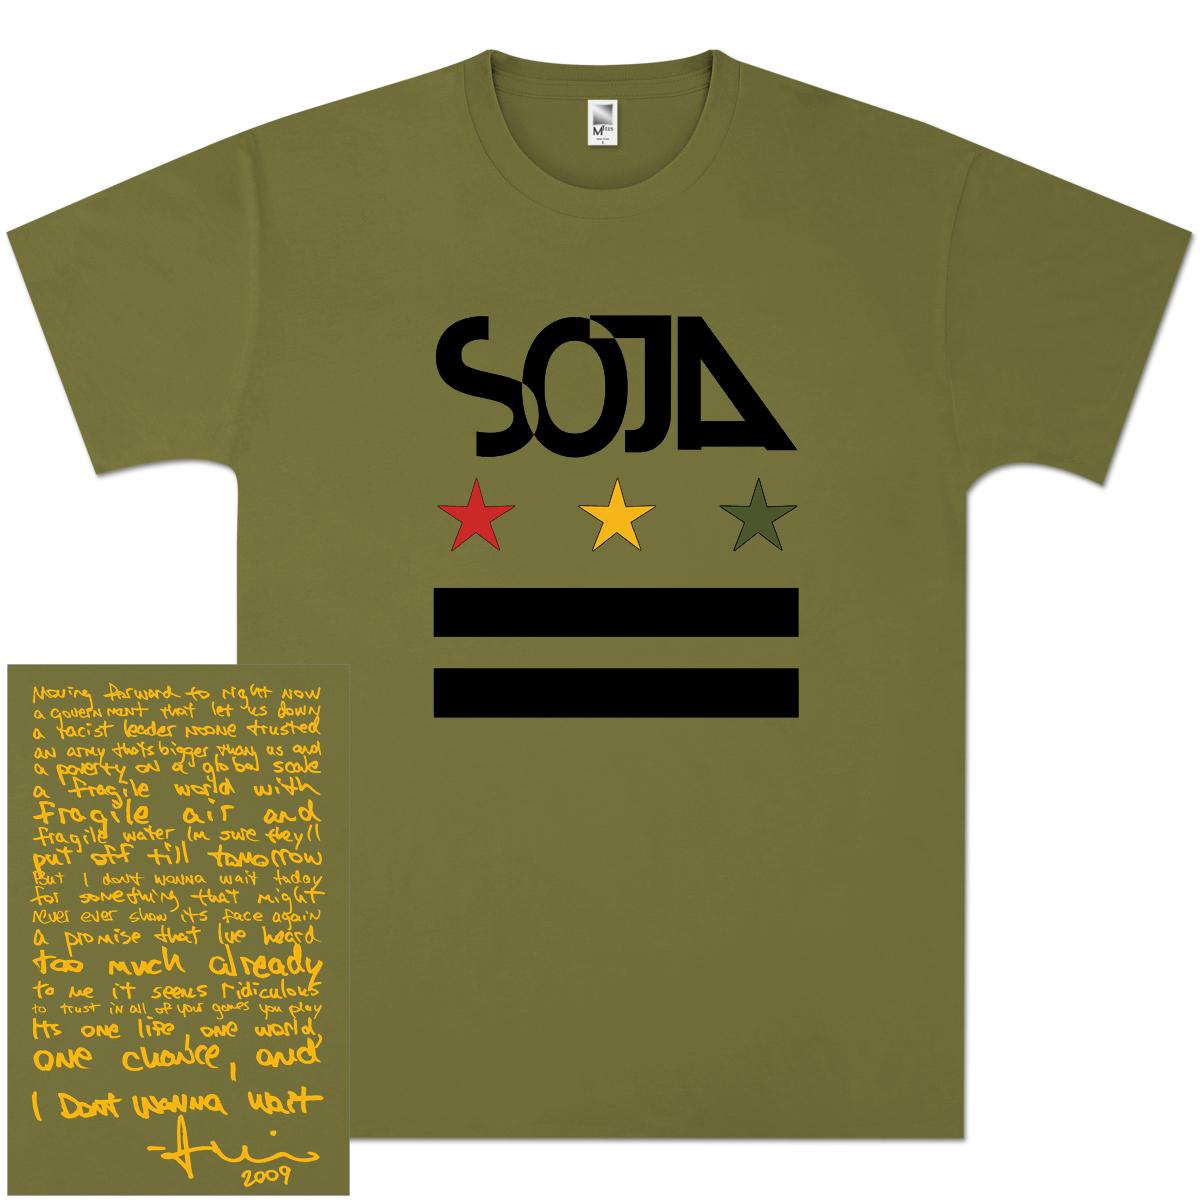 SOJA - Olive Stars & Bars Tee